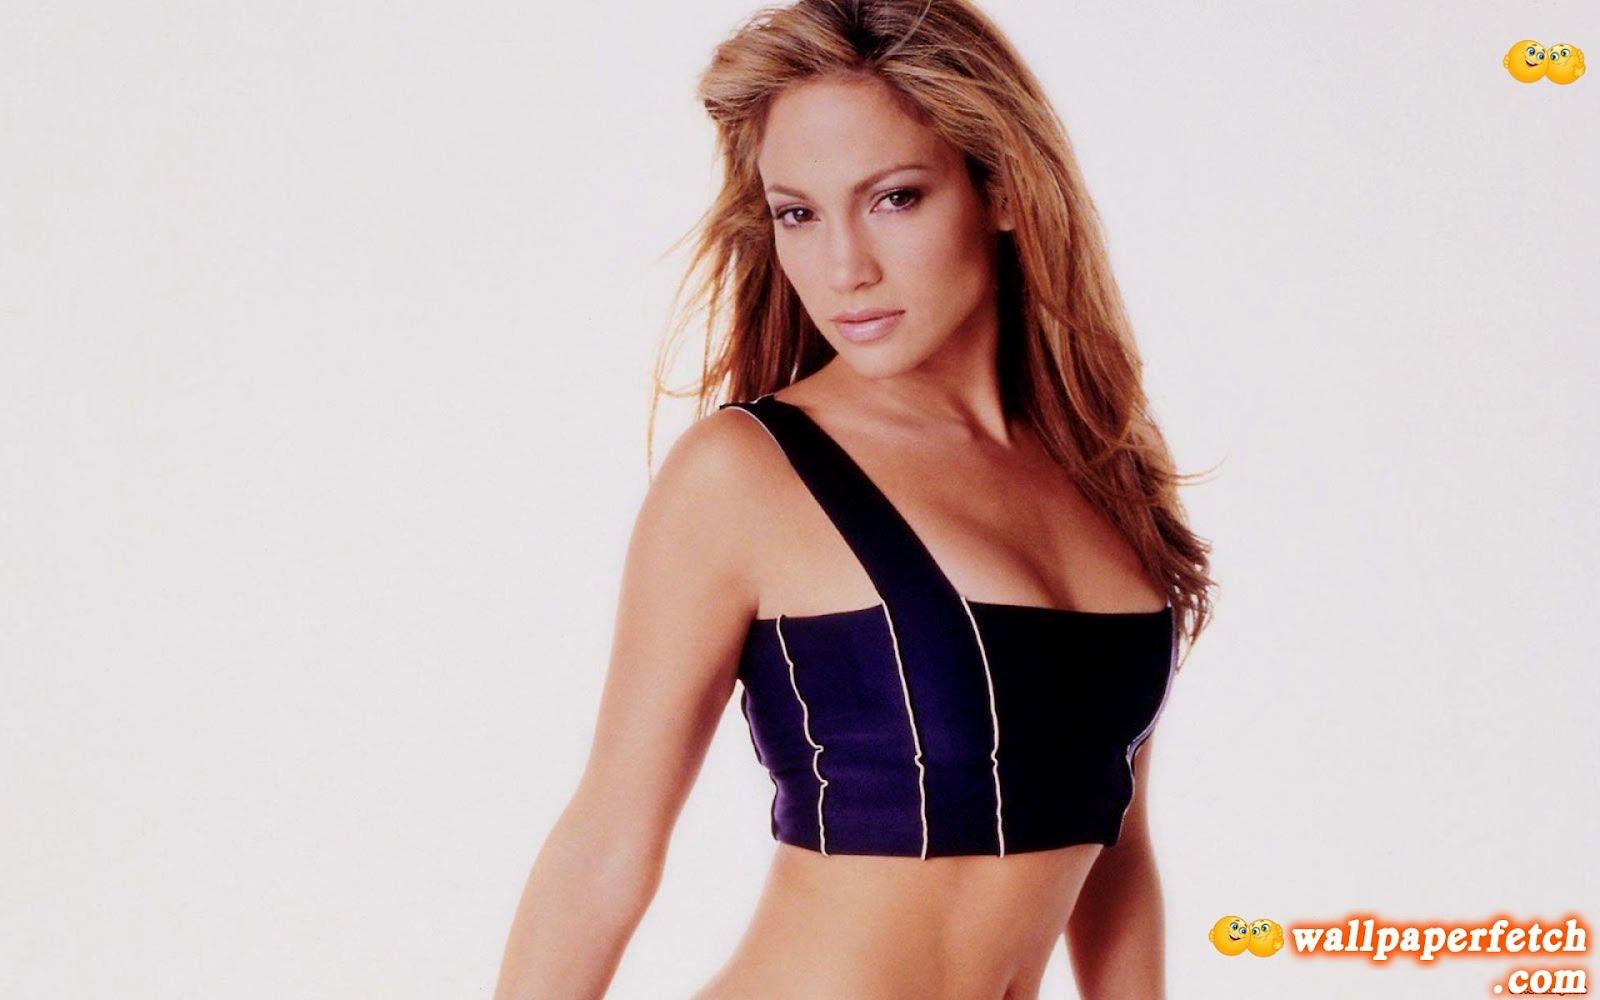 Usman Name Wallpaper 3d Jennifer Lopez Hot Sexy Wallpapers Wallpaper Fetch